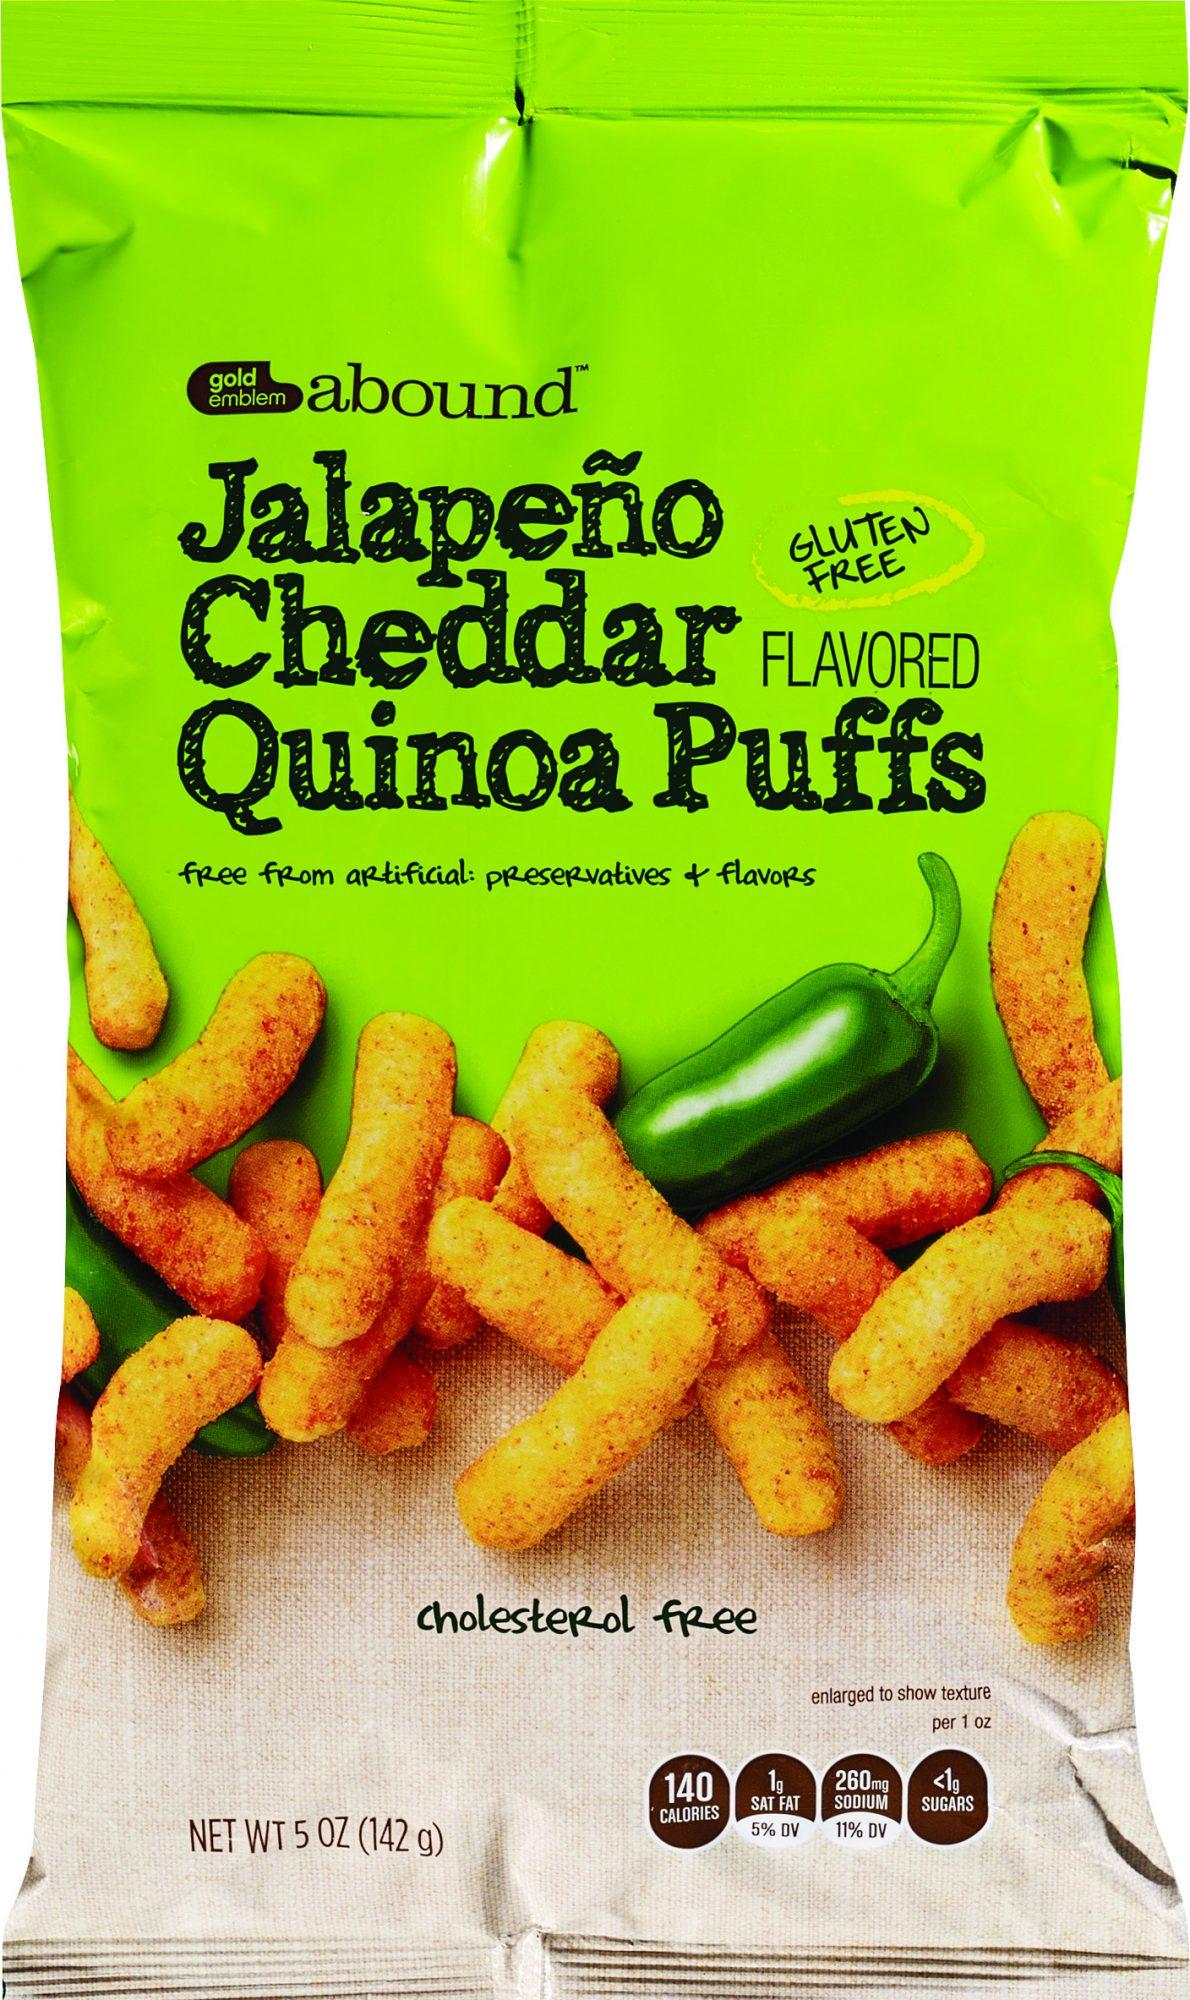 gea-jalapeno-cheddar-quinoa-puffs.jpeg